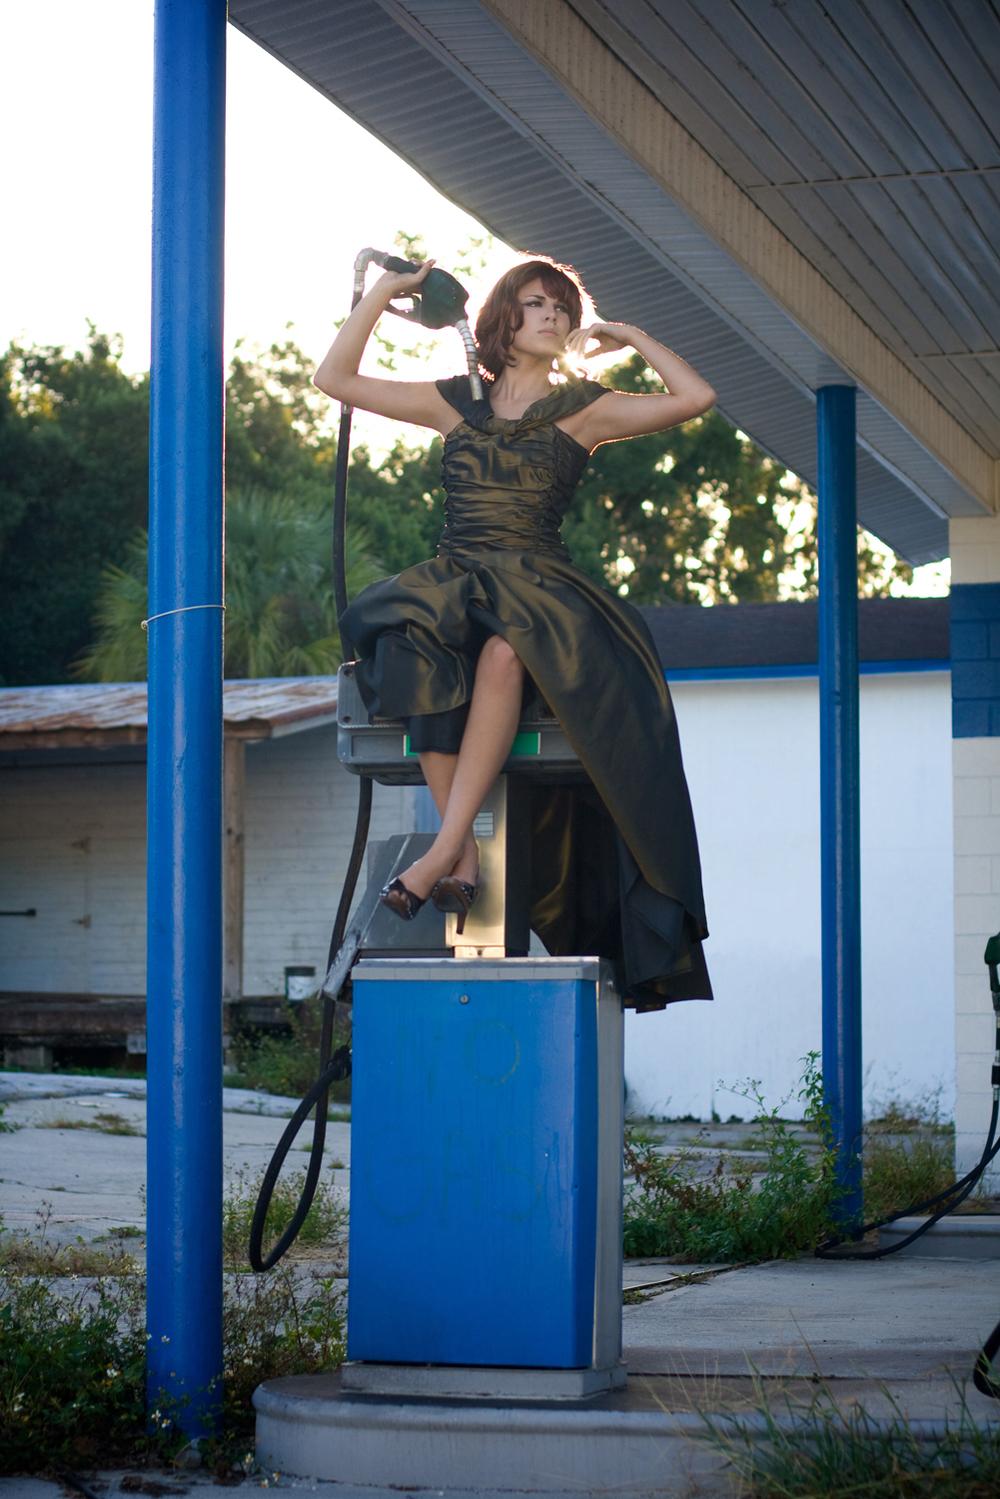 Kaleigh McBride, model